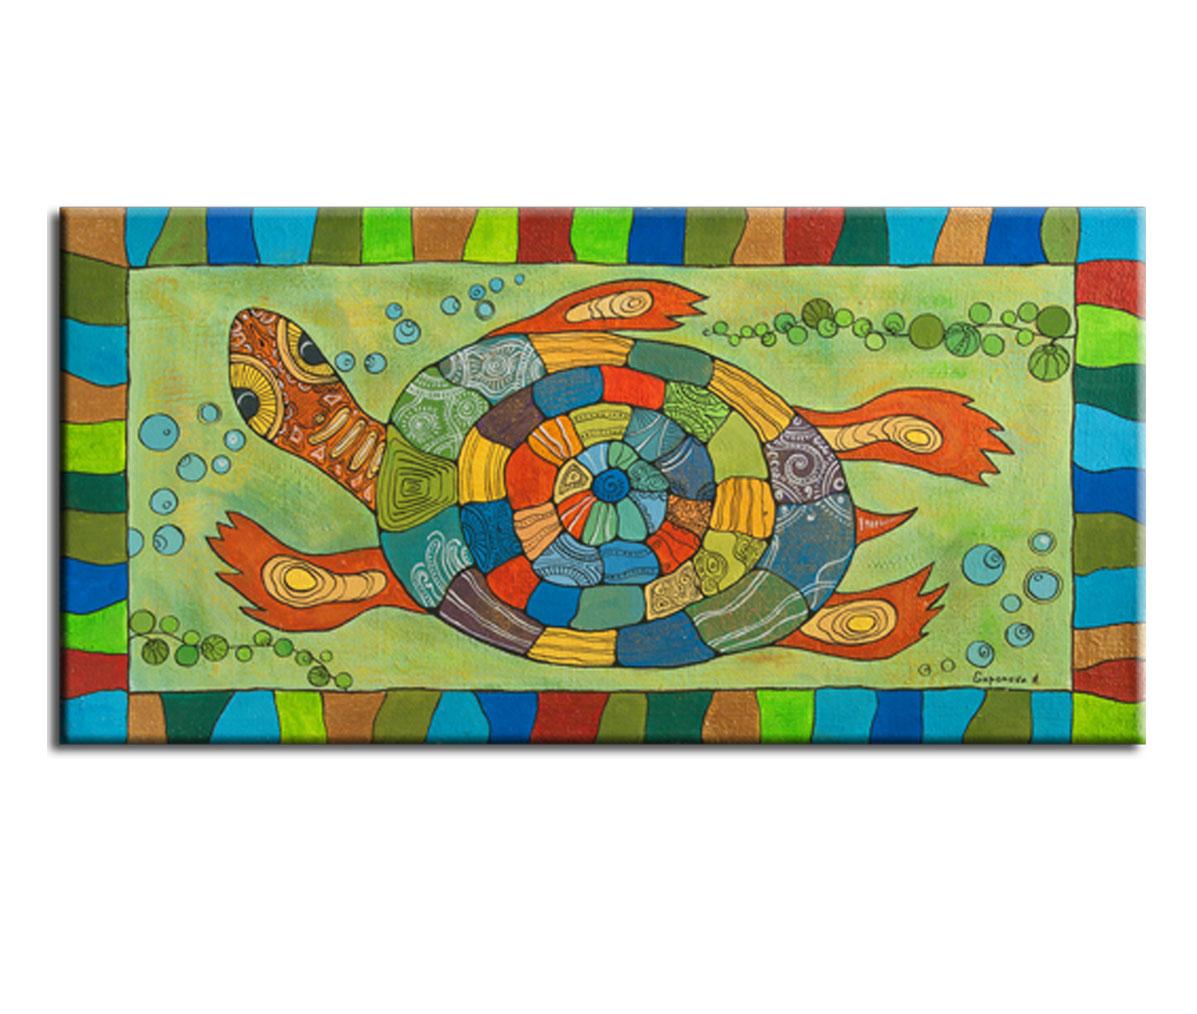 Картина ЧерепахаКартины<br>Авторская копия картины художницы Анны Гапоновой с декоративной фактурной обработкой&amp;lt;div&amp;gt;&amp;lt;br&amp;gt;&amp;lt;/div&amp;gt;&amp;lt;div&amp;gt;Материал: натуральный холст, деревянный подрамник, лак,итальянский фактурный гель&amp;lt;br&amp;gt;&amp;lt;/div&amp;gt;&amp;lt;div&amp;gt;&amp;lt;br&amp;gt;&amp;lt;/div&amp;gt;<br><br>Material: Холст<br>Width см: 105<br>Depth см: 3<br>Height см: 50